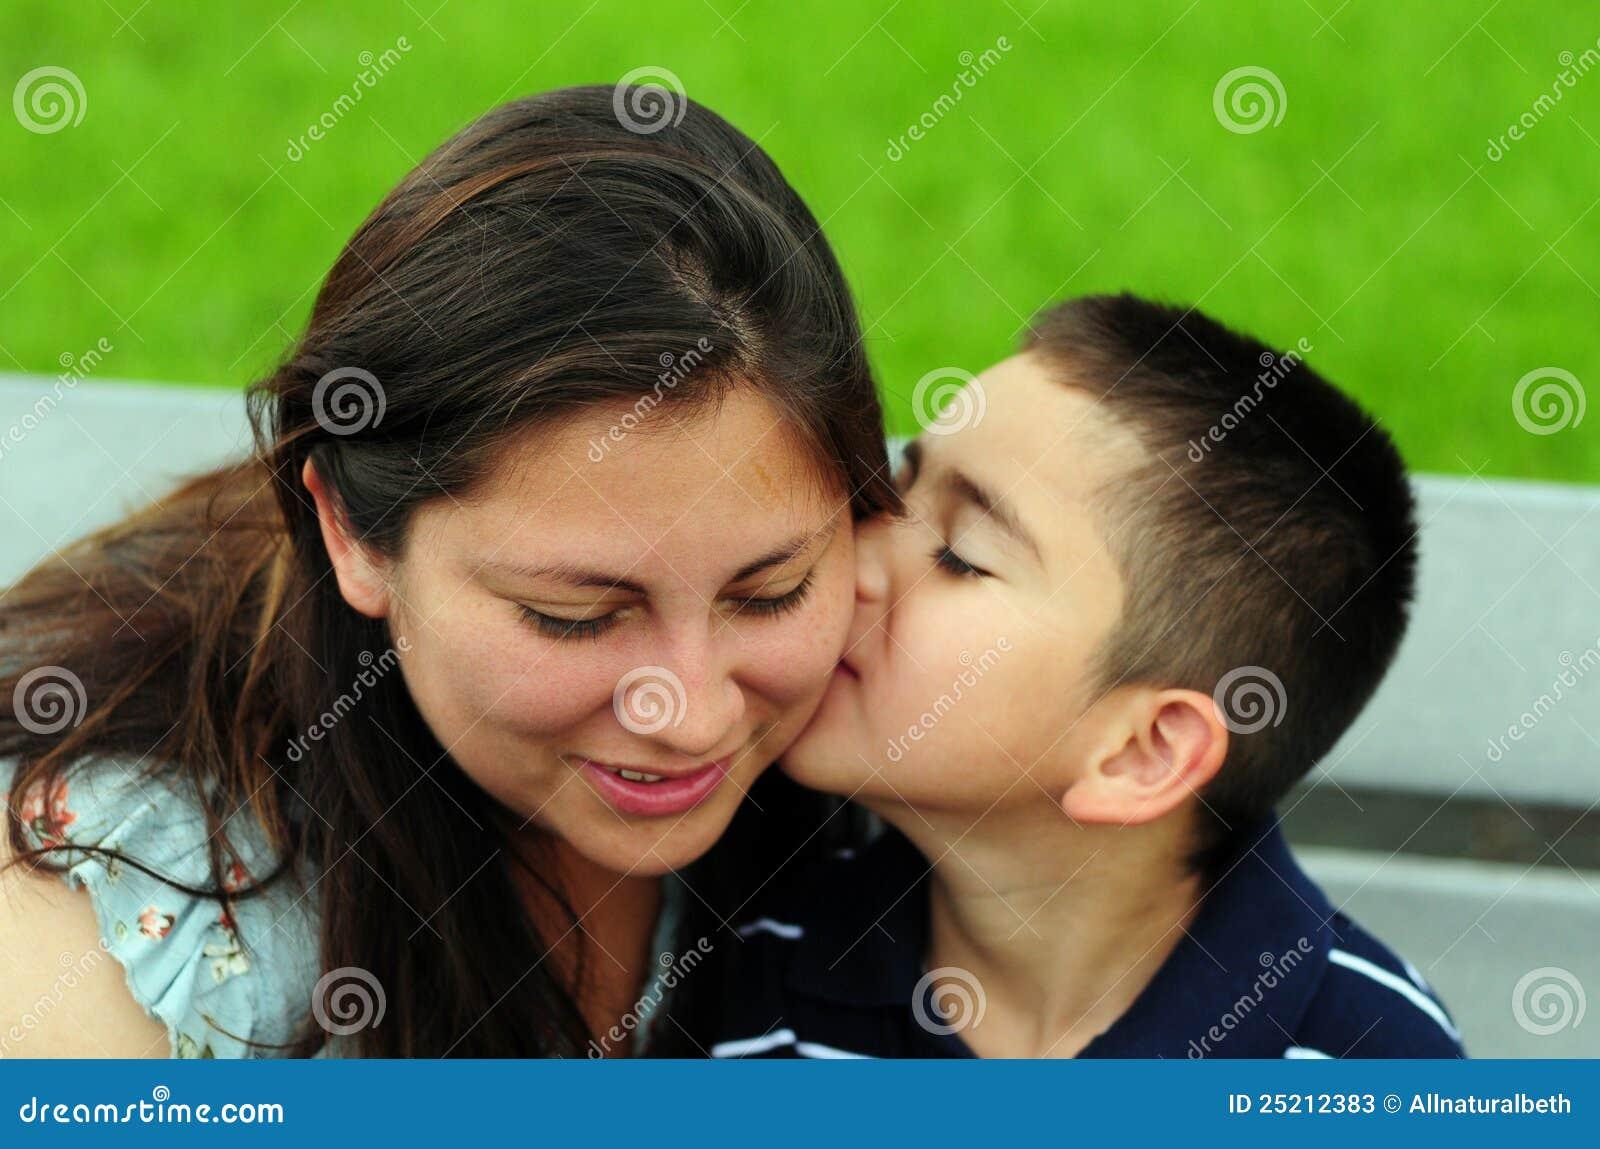 Син трахнув пяну маму, Пьяная Мать сын -видео. Смотреть Пьяная Мать сын 22 фотография